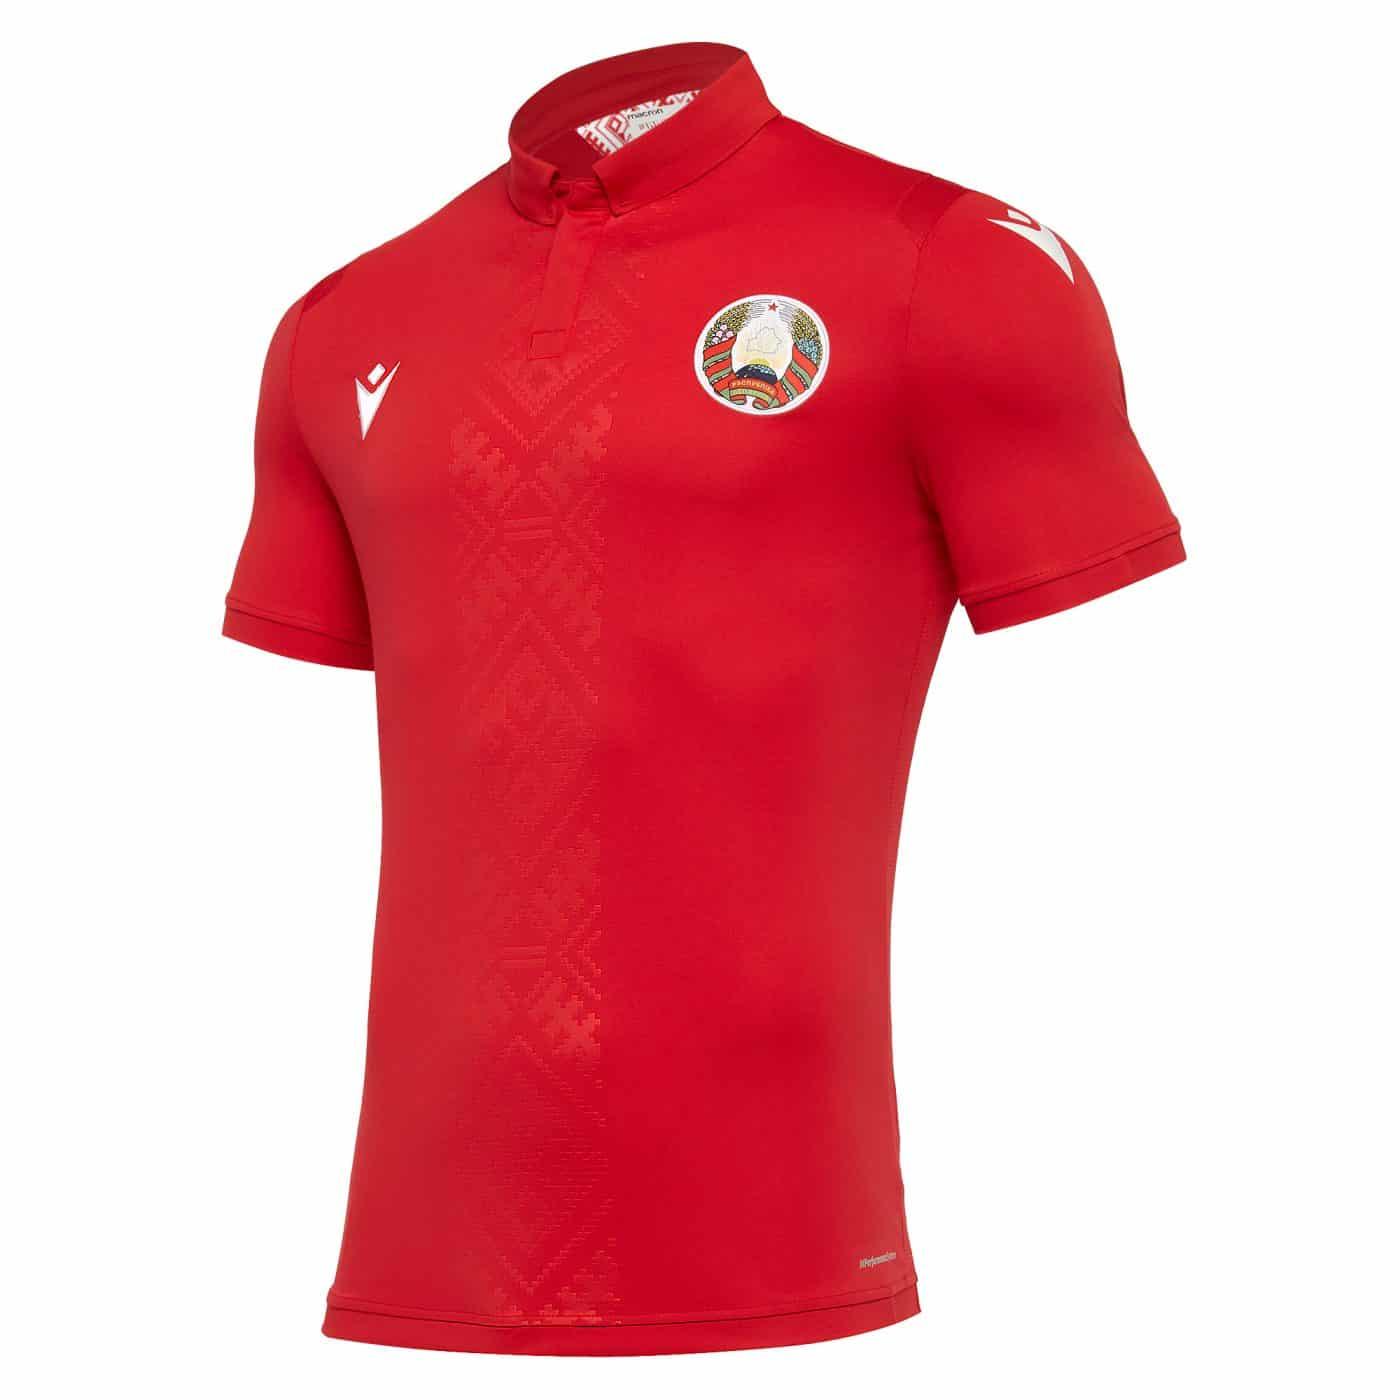 maillot-exterieur-belarus-2020-2021-macron-uefa